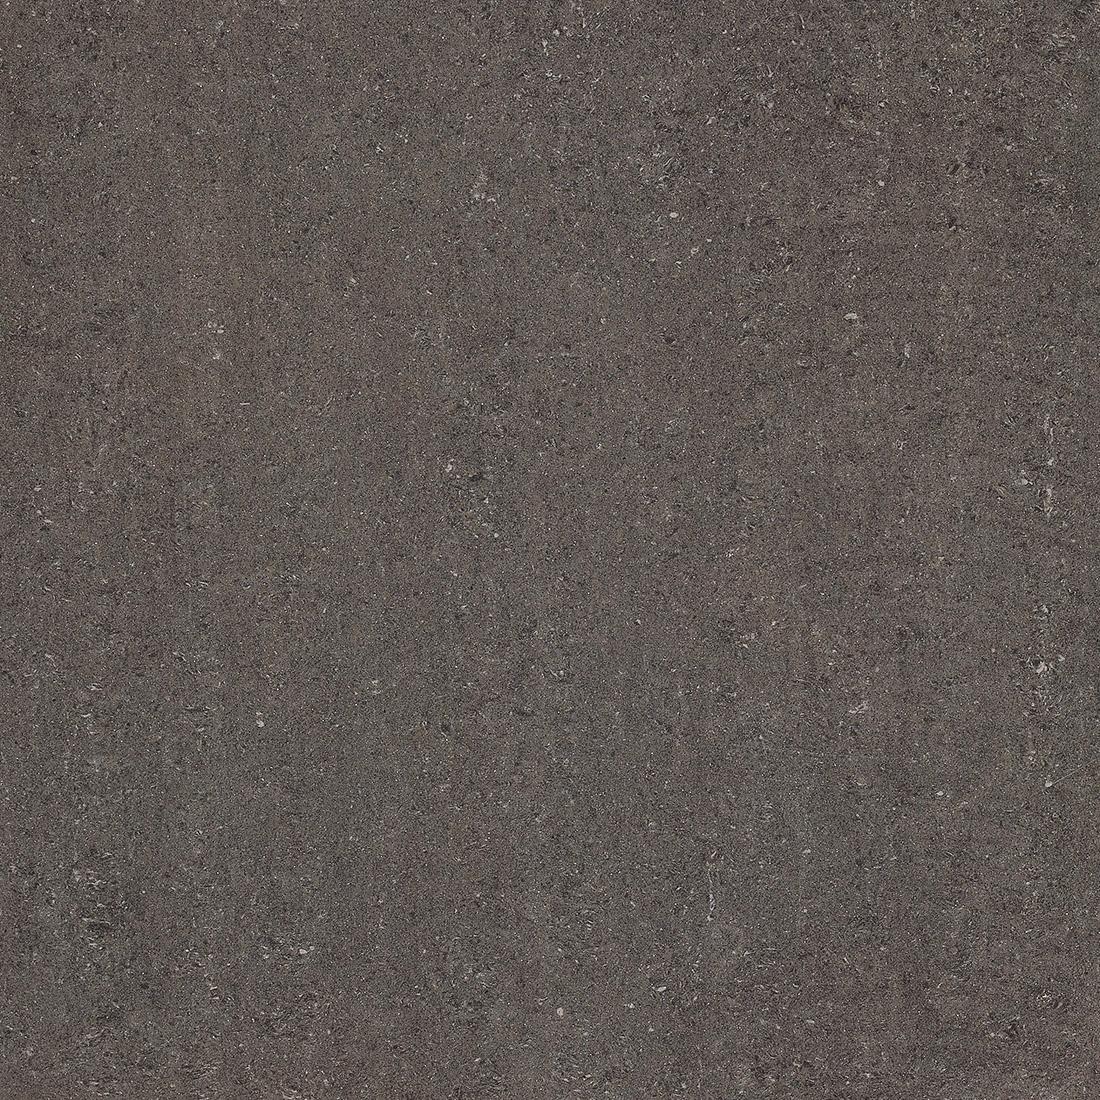 Crystal 60x60 Dark Grey Polished 1